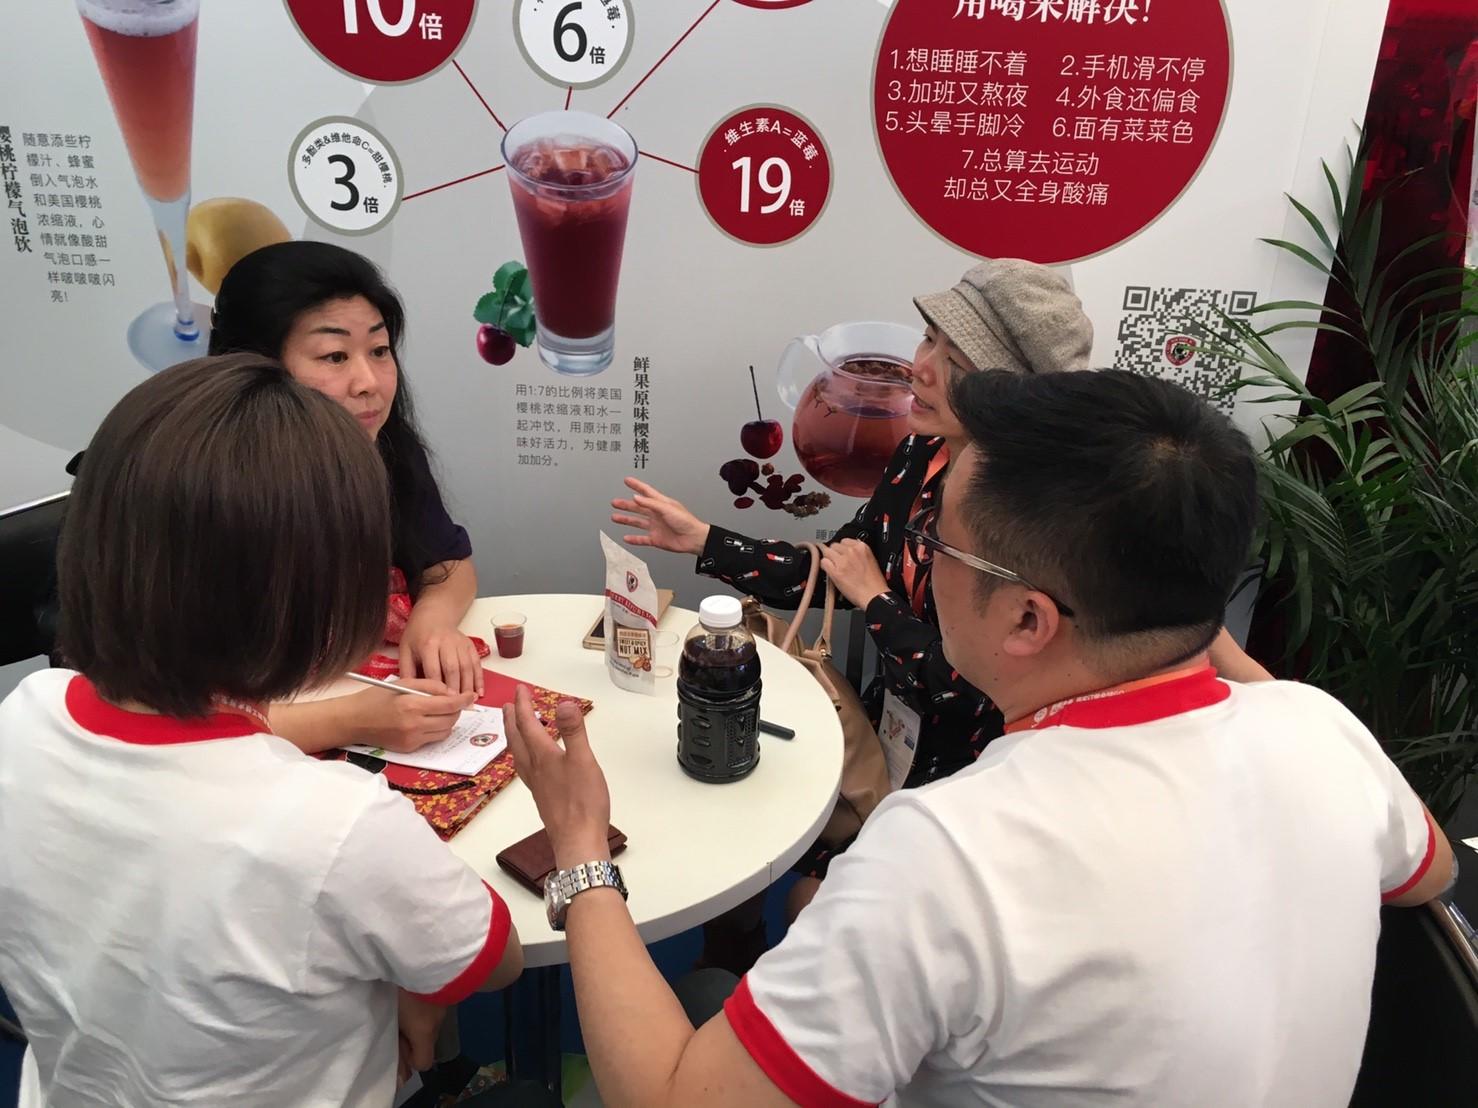 2017.05 上海_170524_0038.jpg